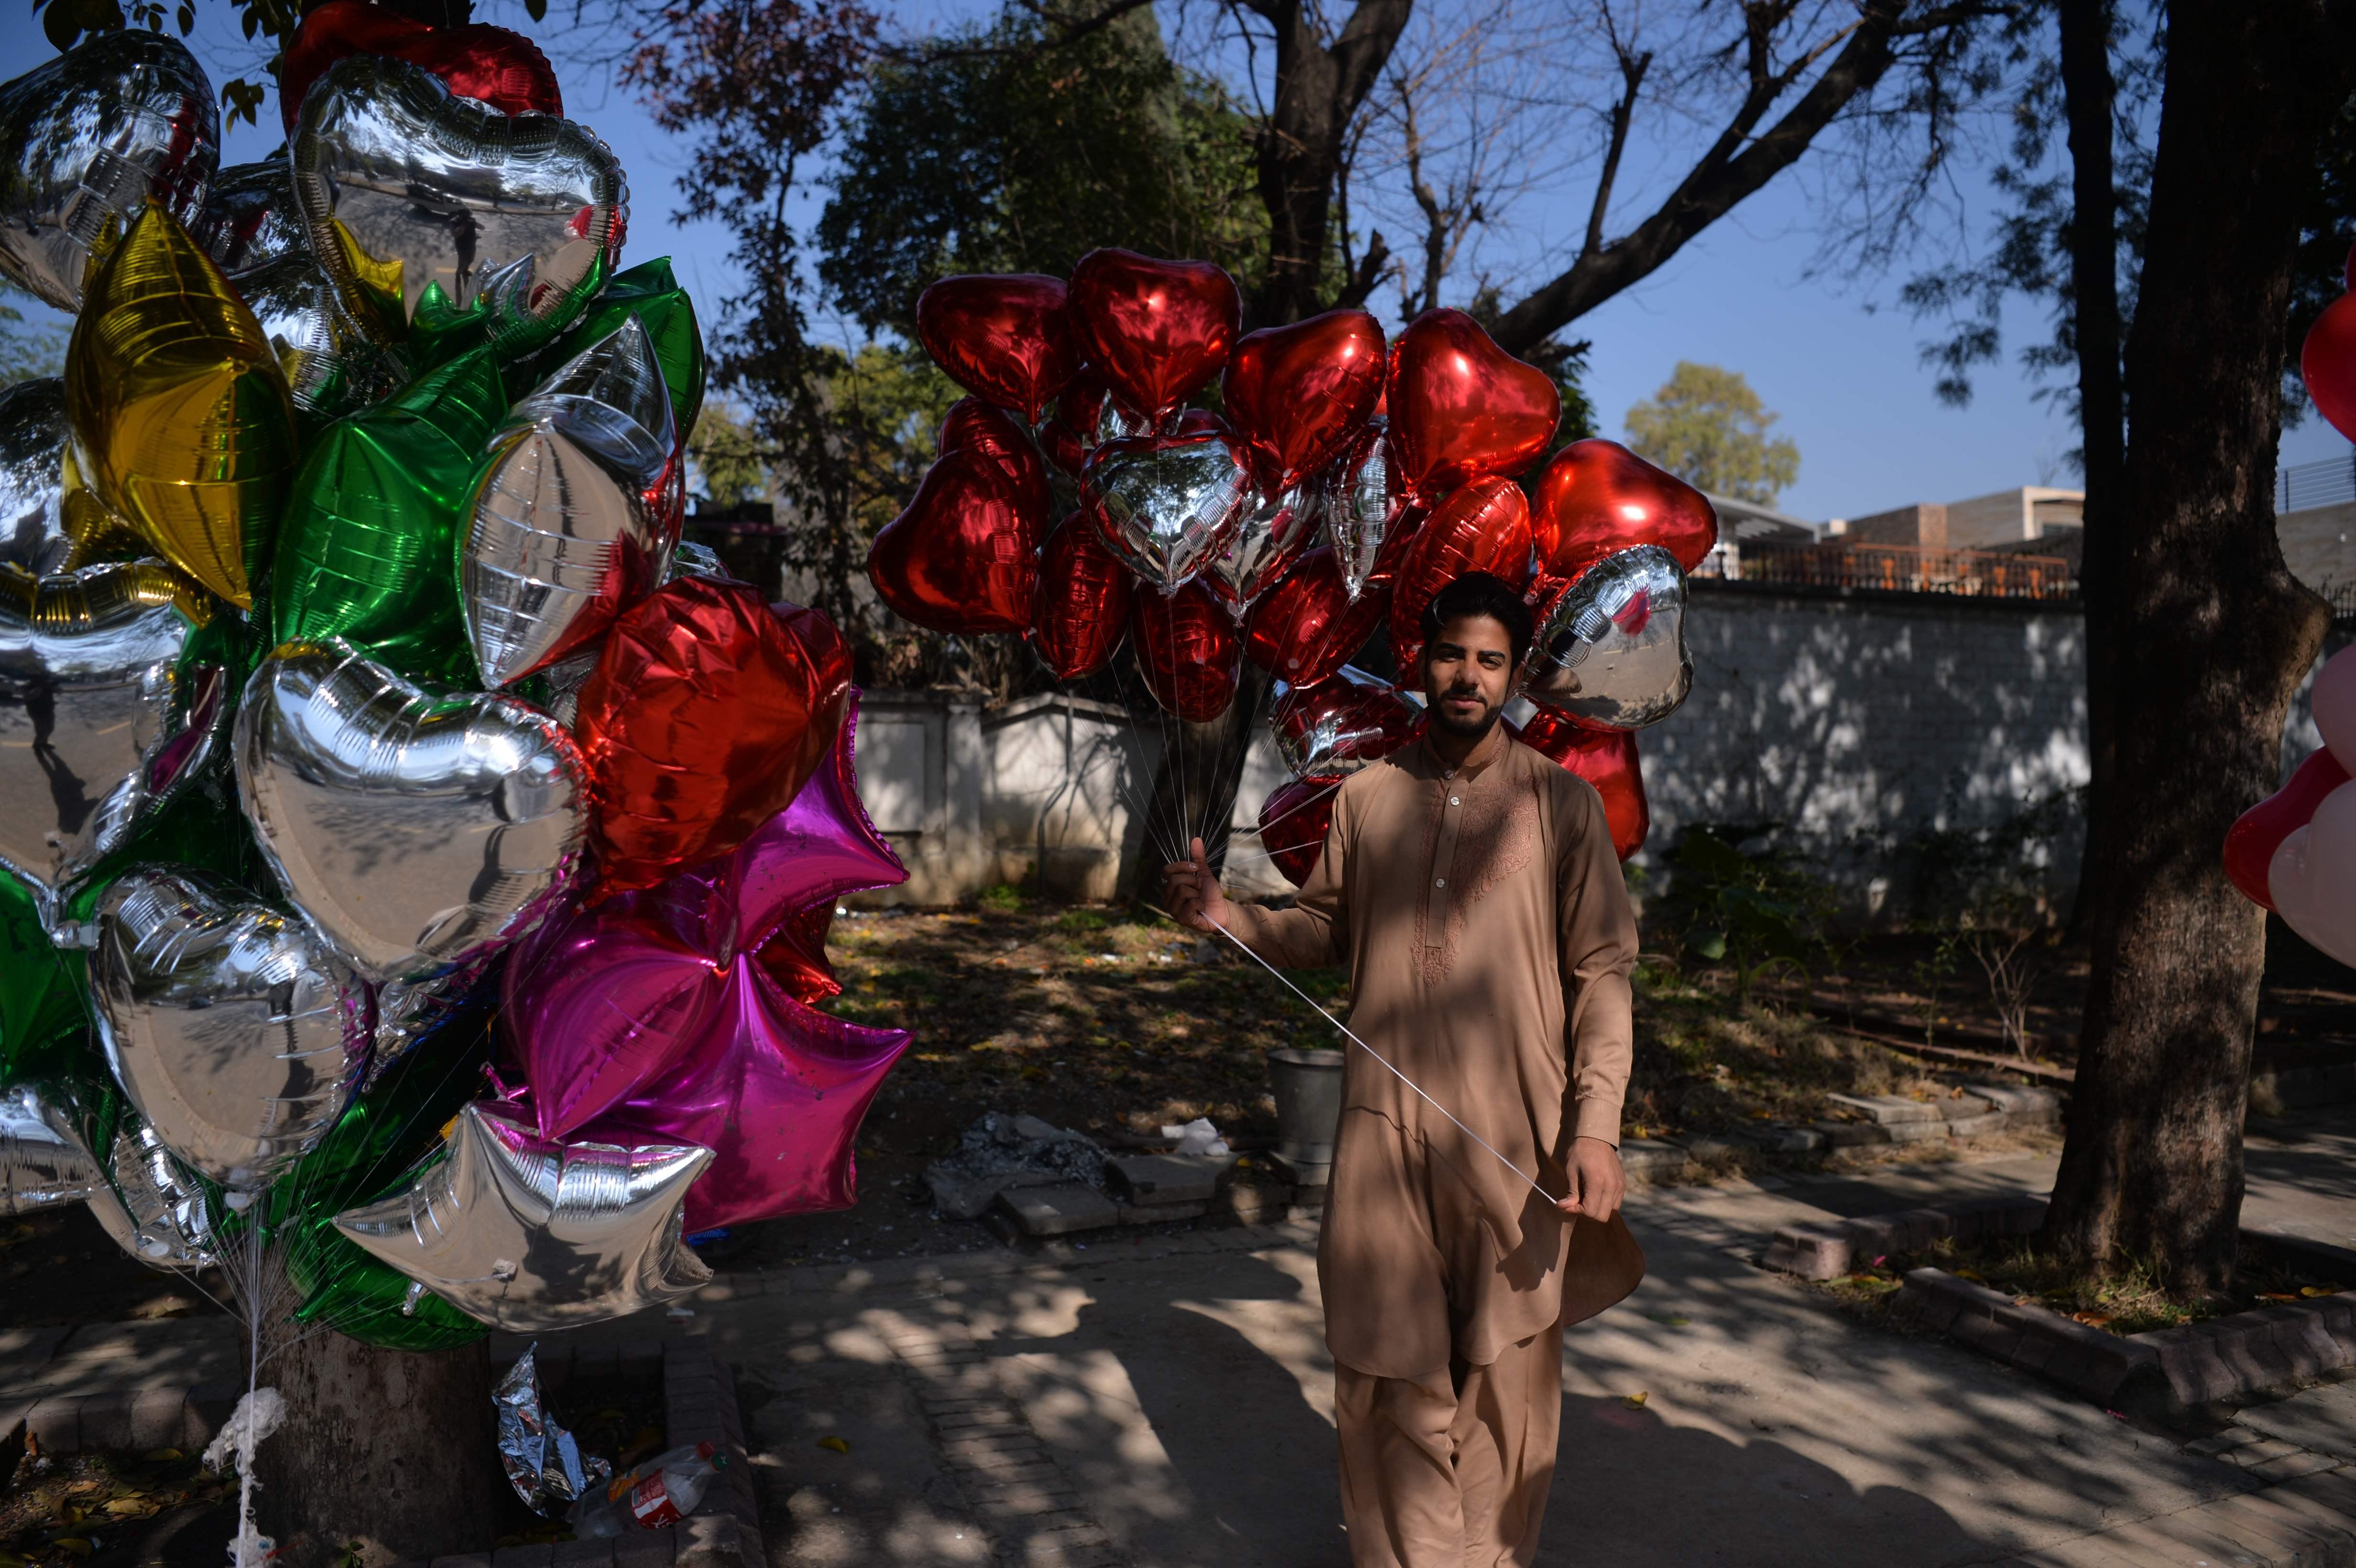 بيع القلوب الحمراء فى اسلام آباد